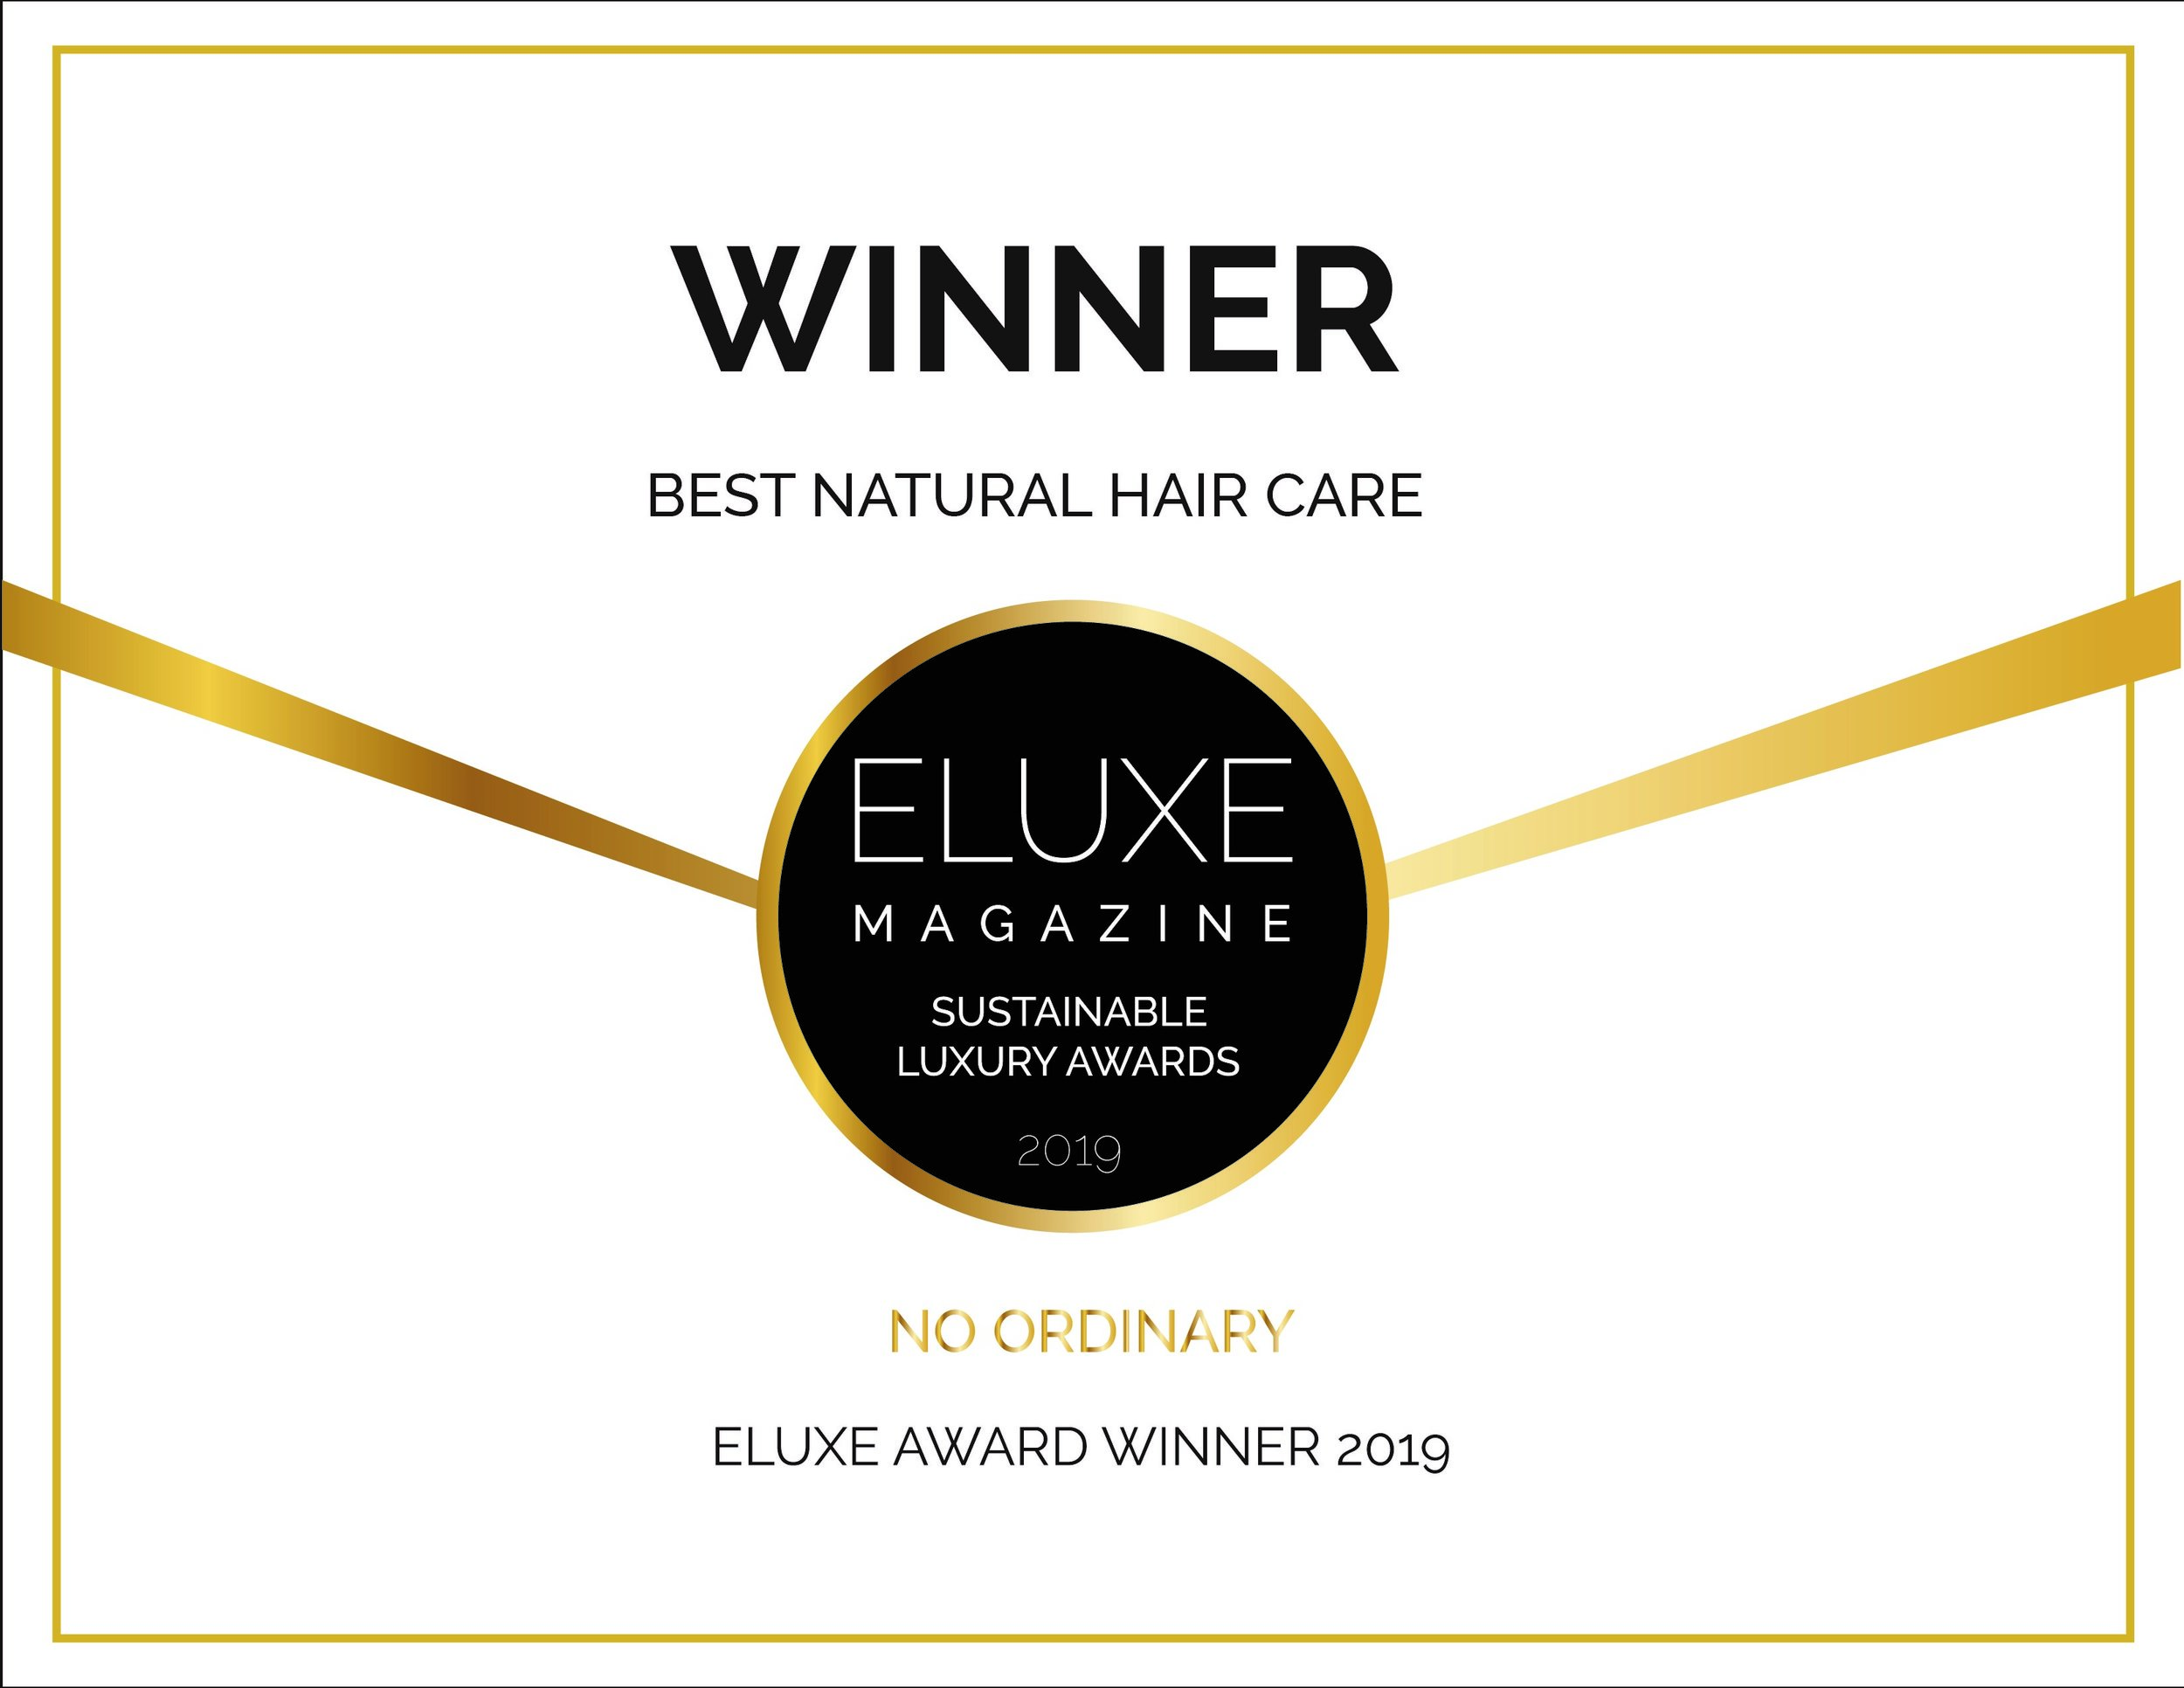 Winner Eluxe Best Natural Hair Care 2019